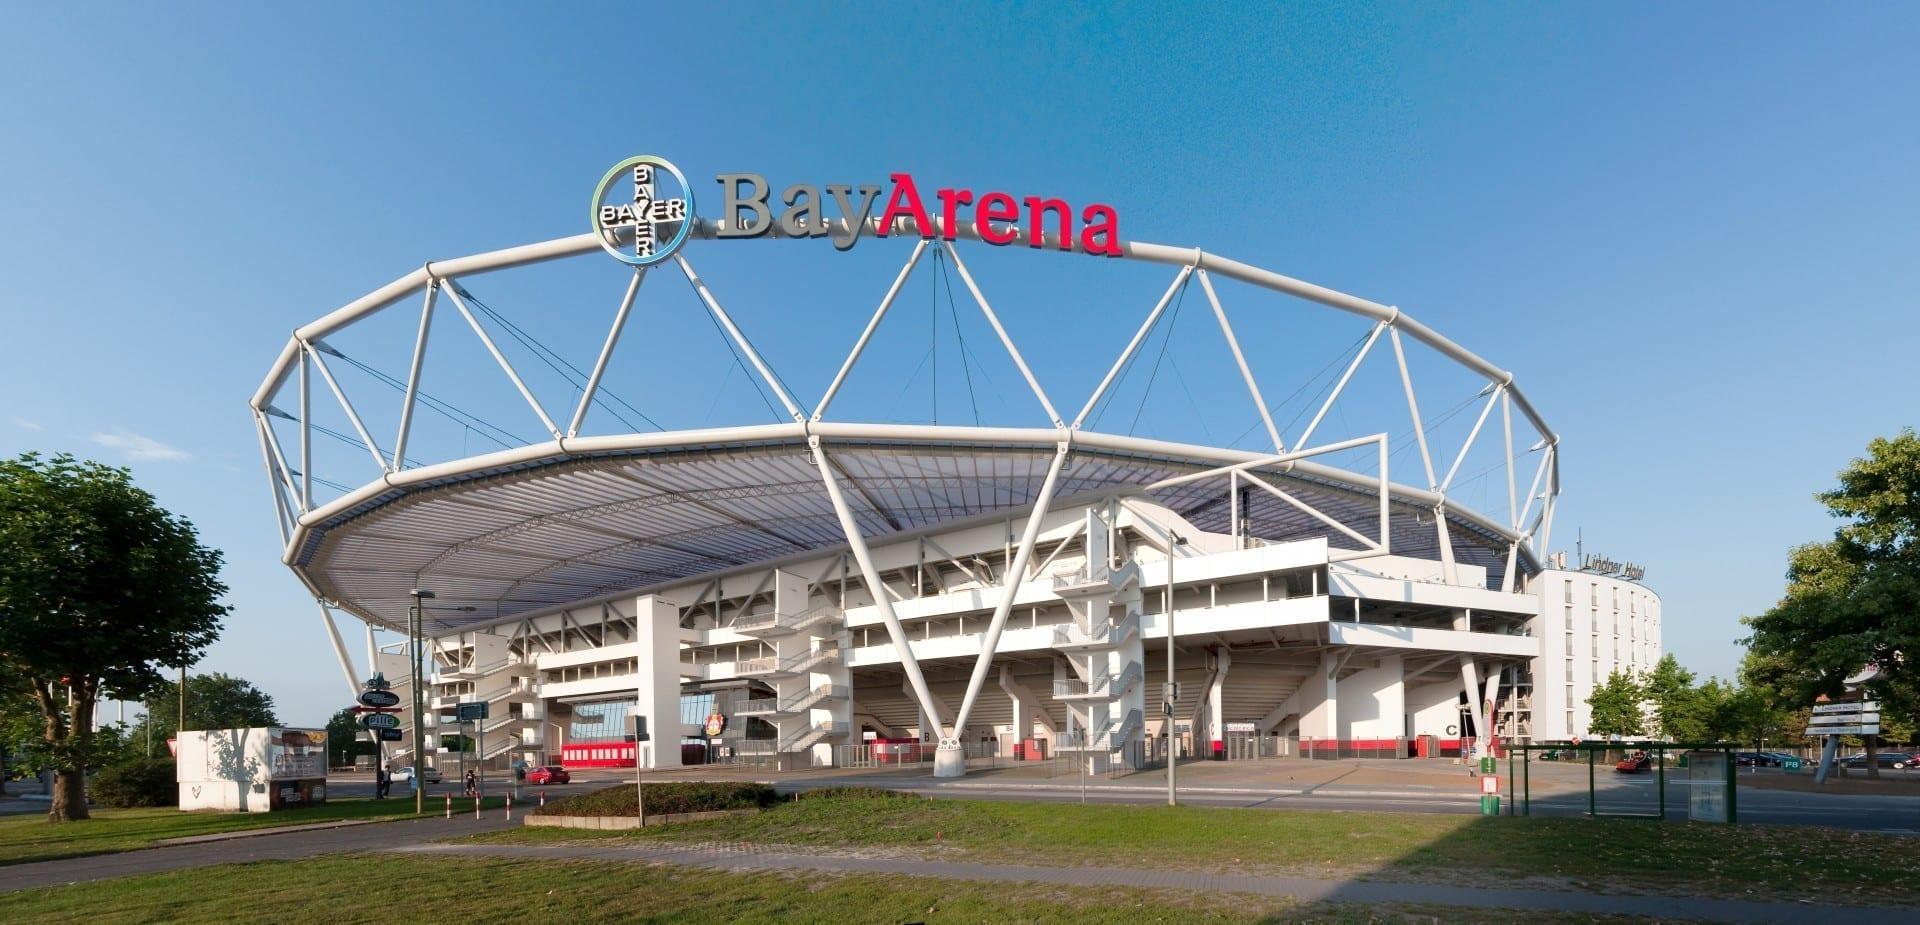 El estadio de fútbol BayArena Leverkusen Alemania